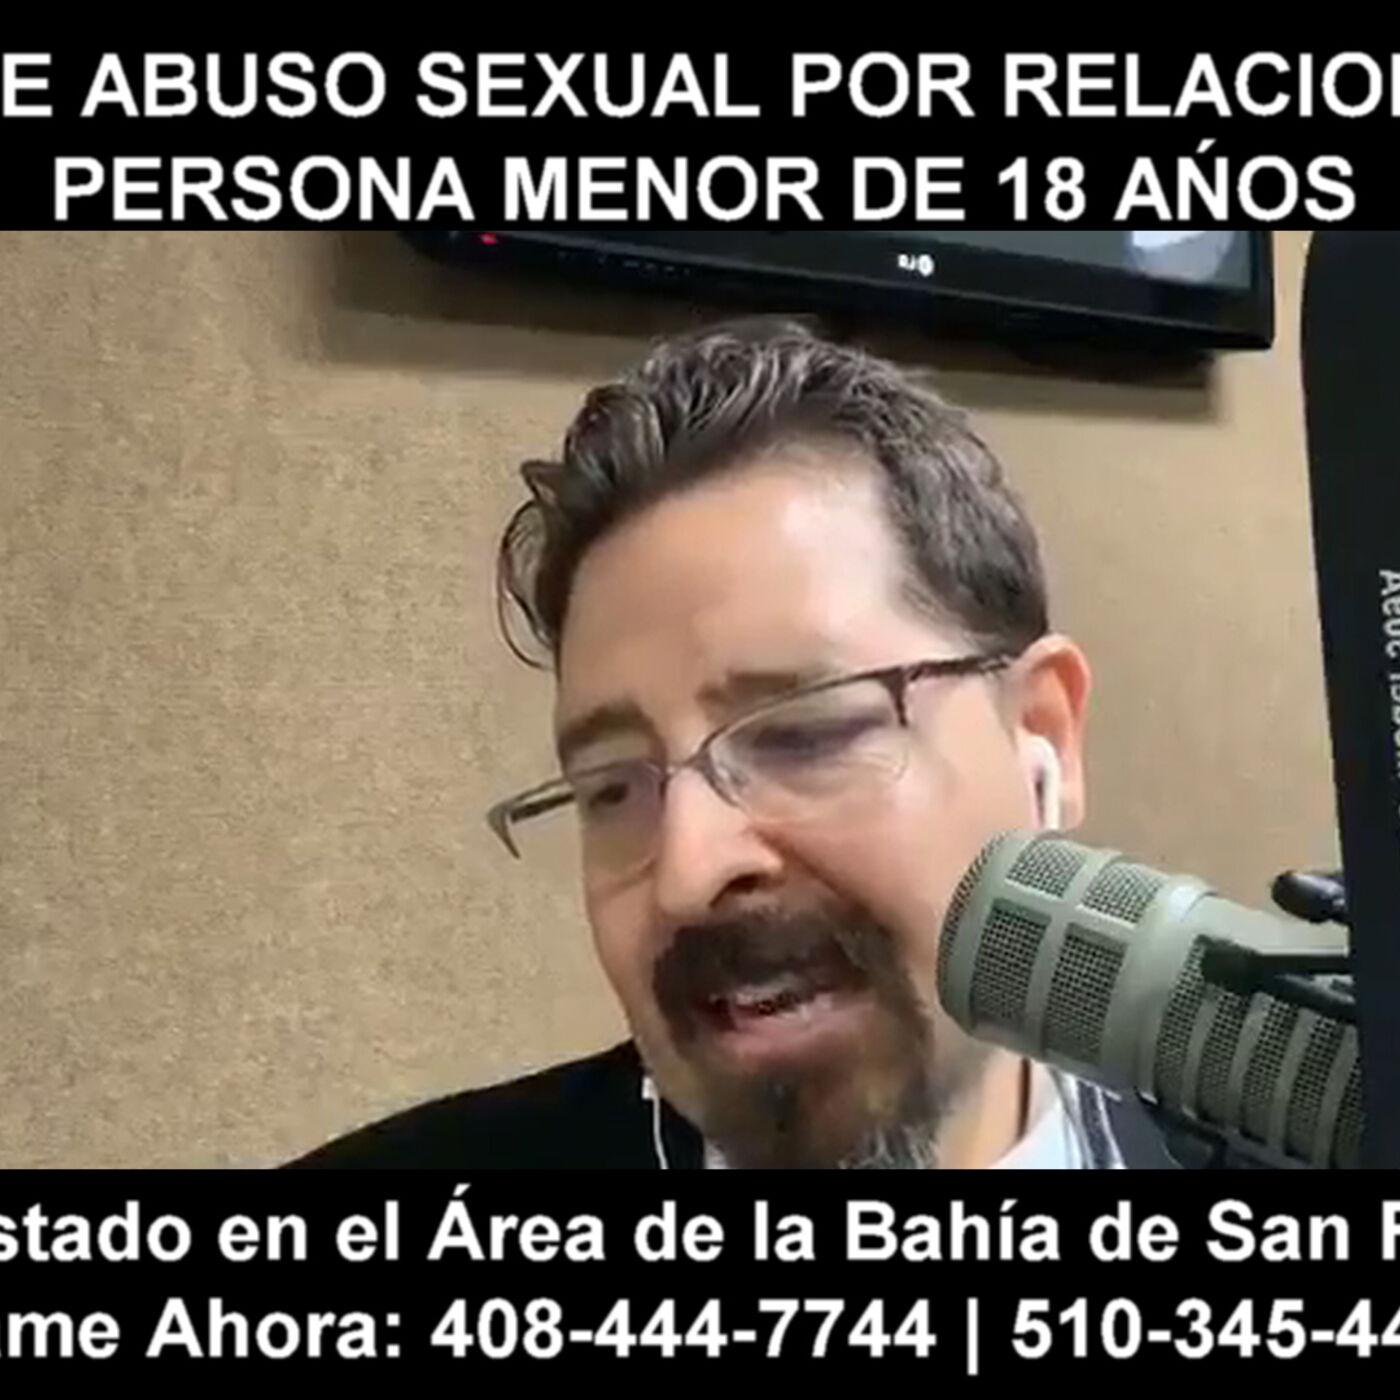 Delito de abuso sexual por relaciones con persona menor de 18 ańos